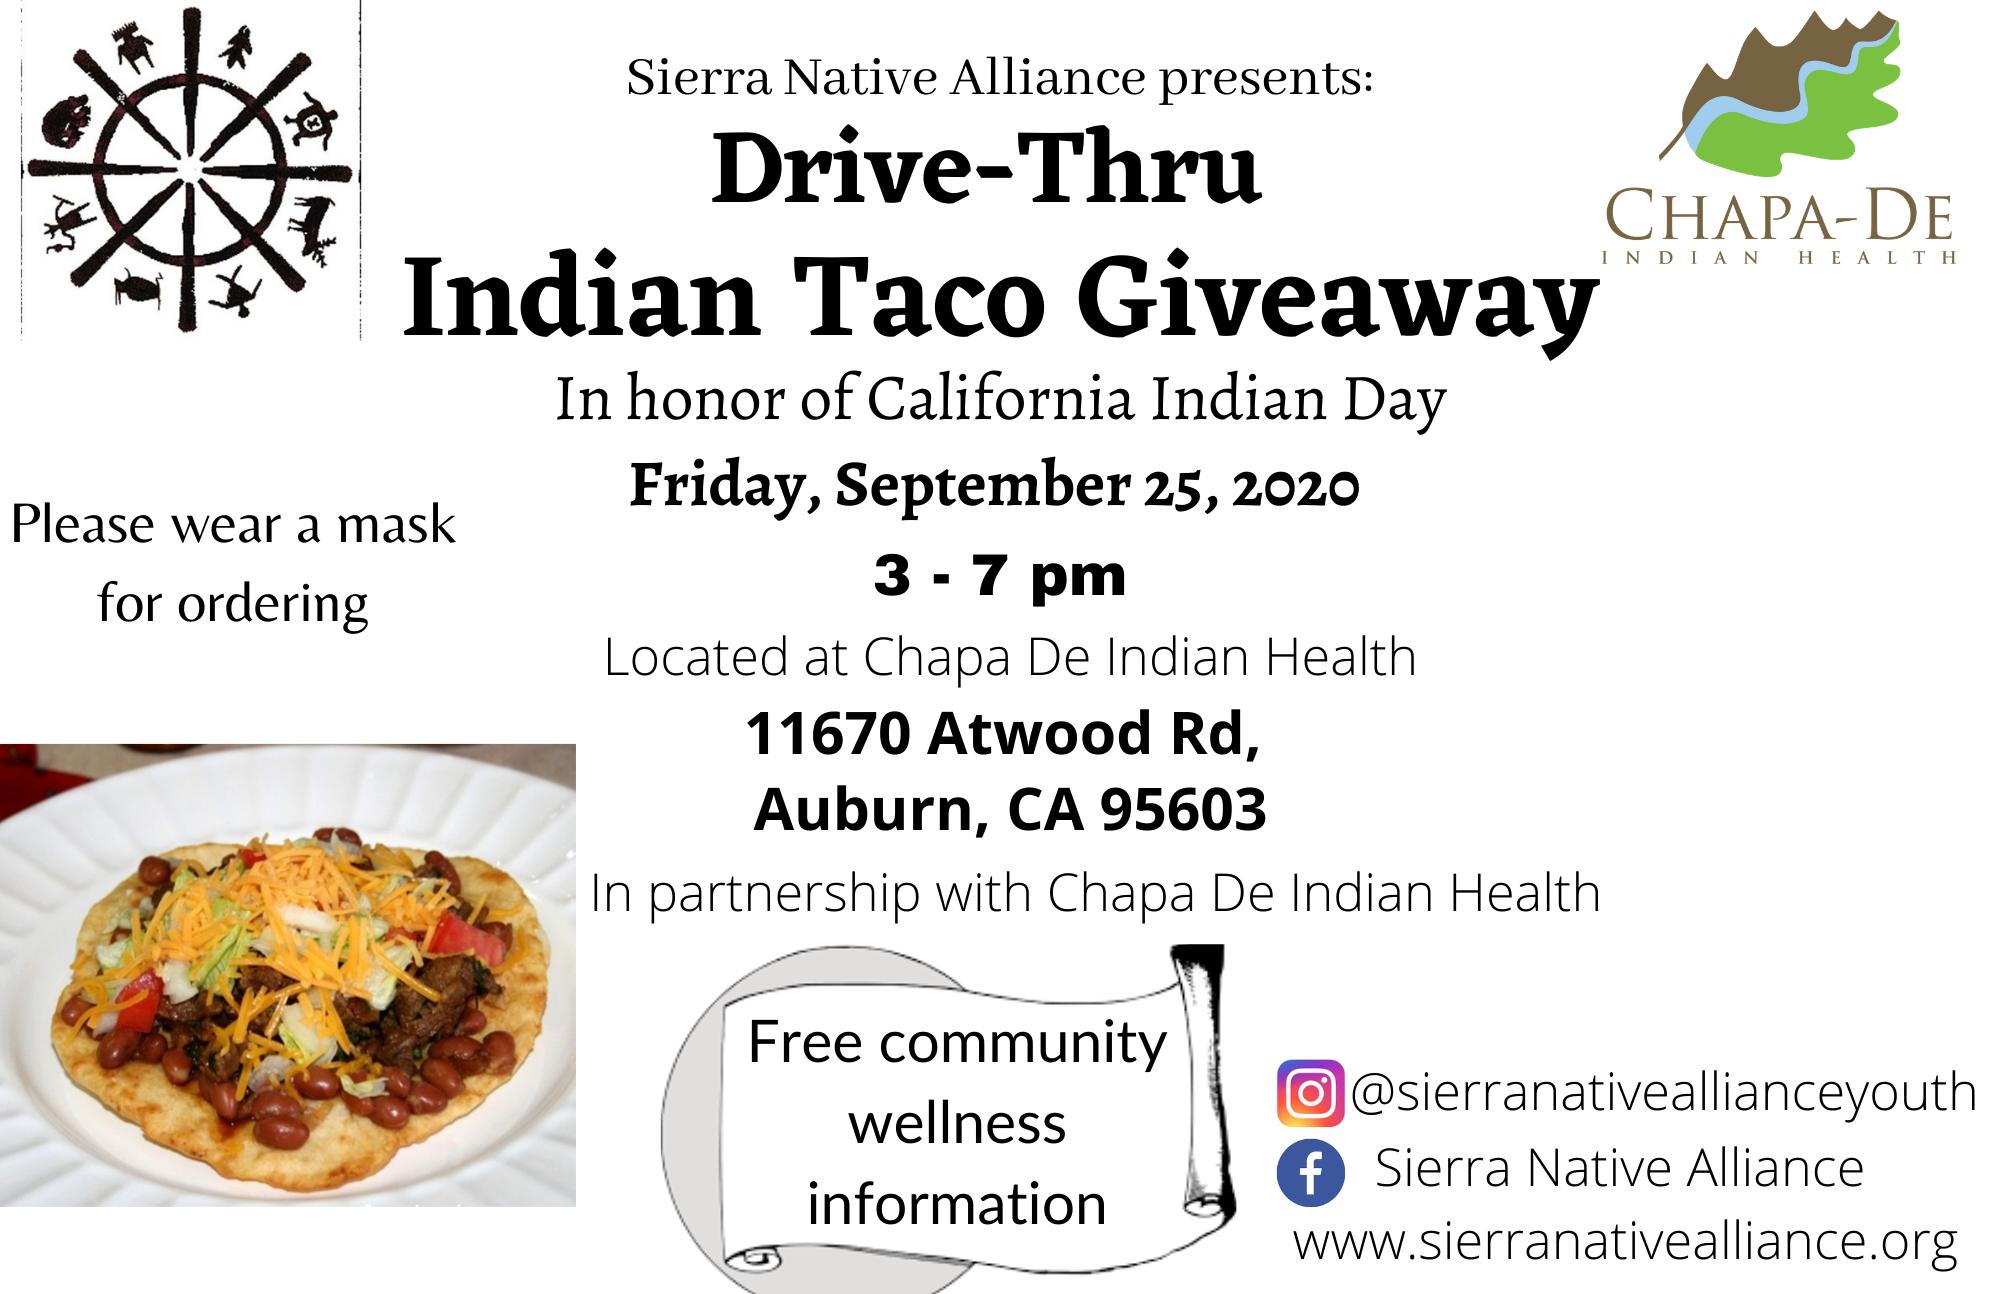 Drive-Thru Indian Taco Giveaway @ Chapa-De Indian Health Auburn